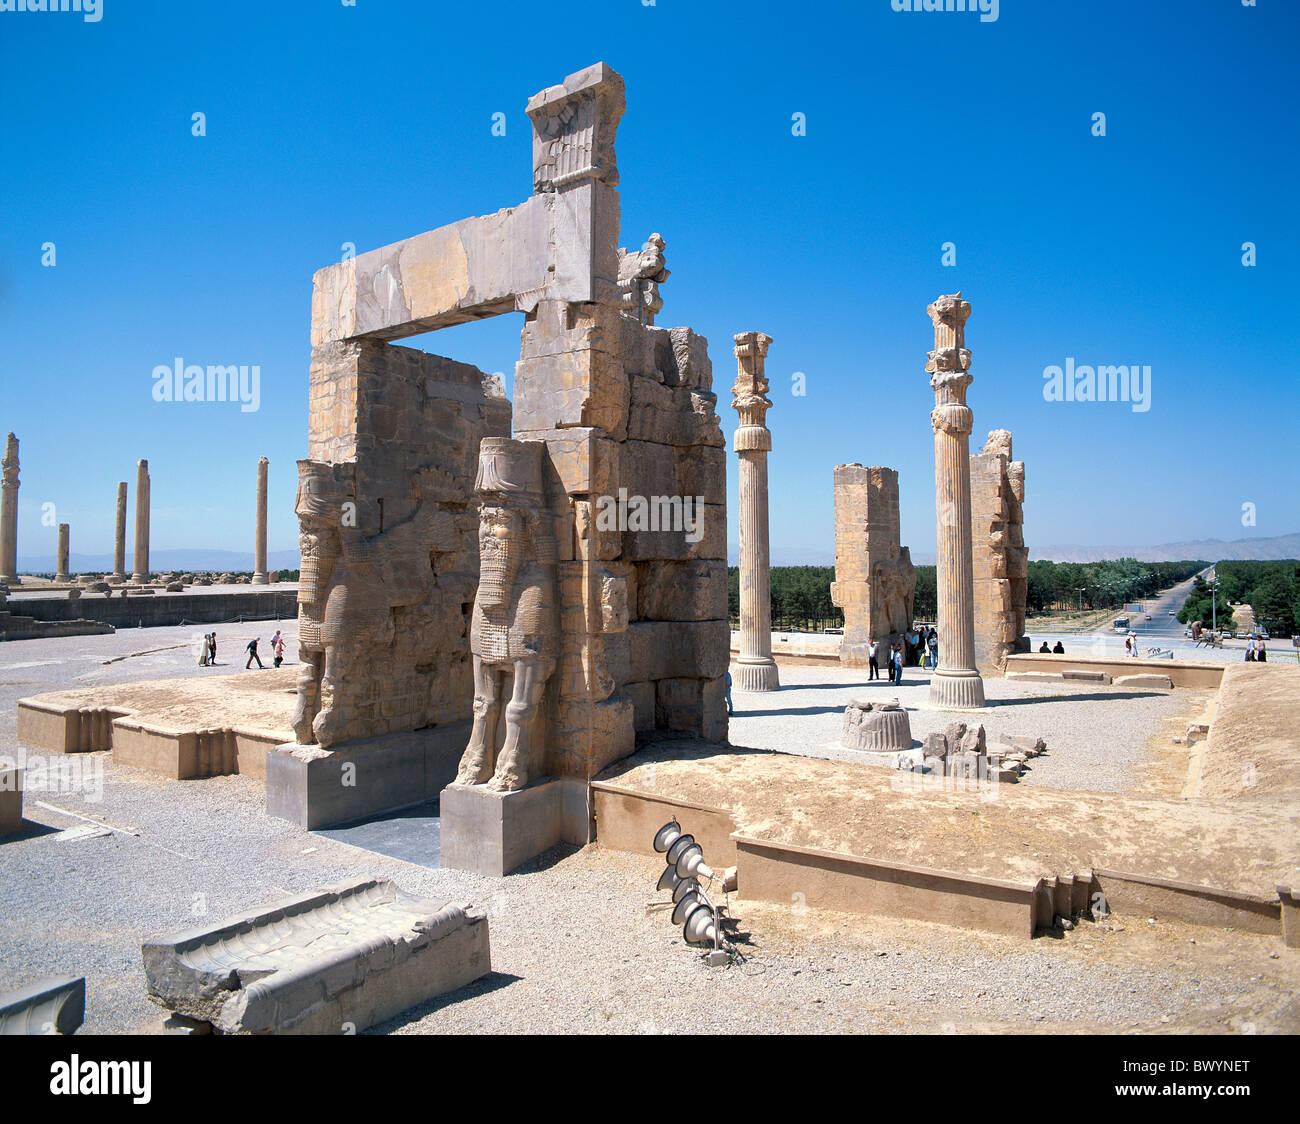 Irán Oriente Medio cultura Persépolis columnas esculturas de piedra e Takht Jamshid Toros Xerxes puerta antigua Foto de stock